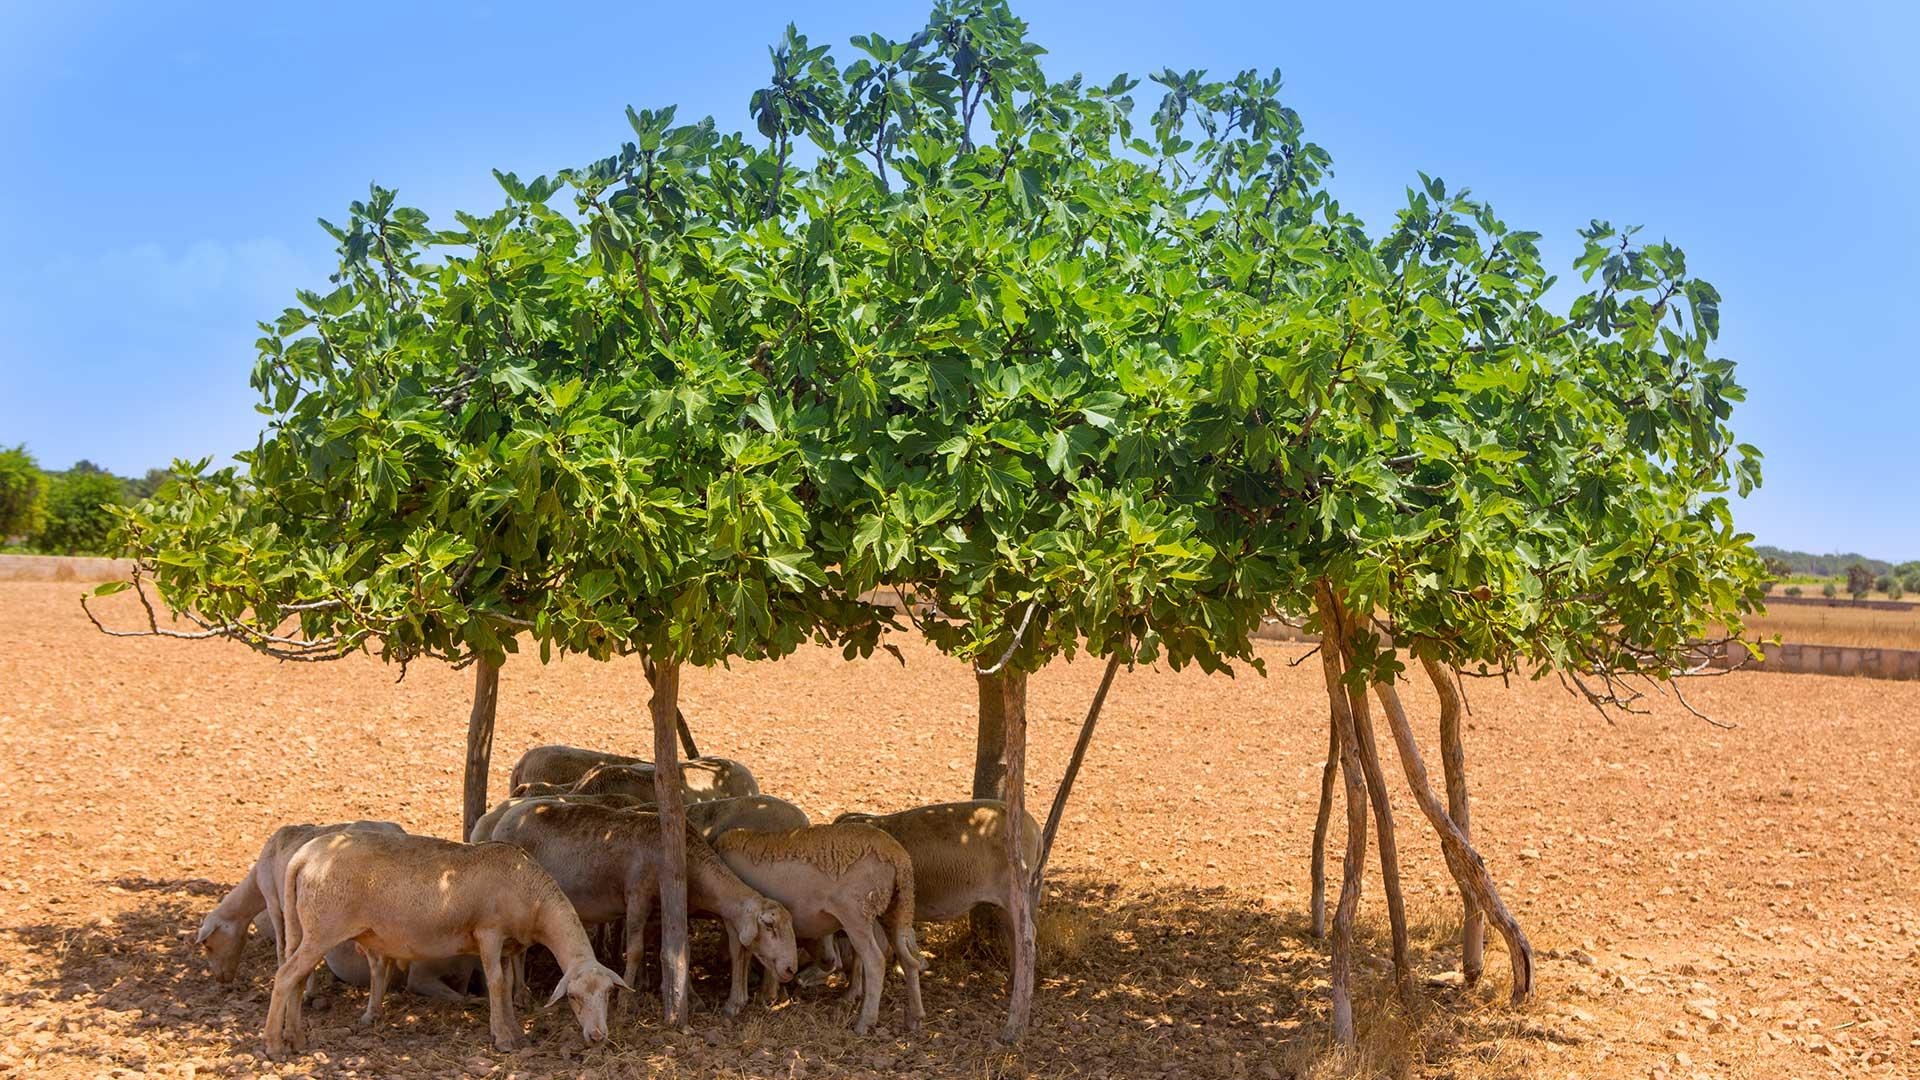 Imagen  Feigenbäume mit Stützpfählen (Figueres Estalonades)